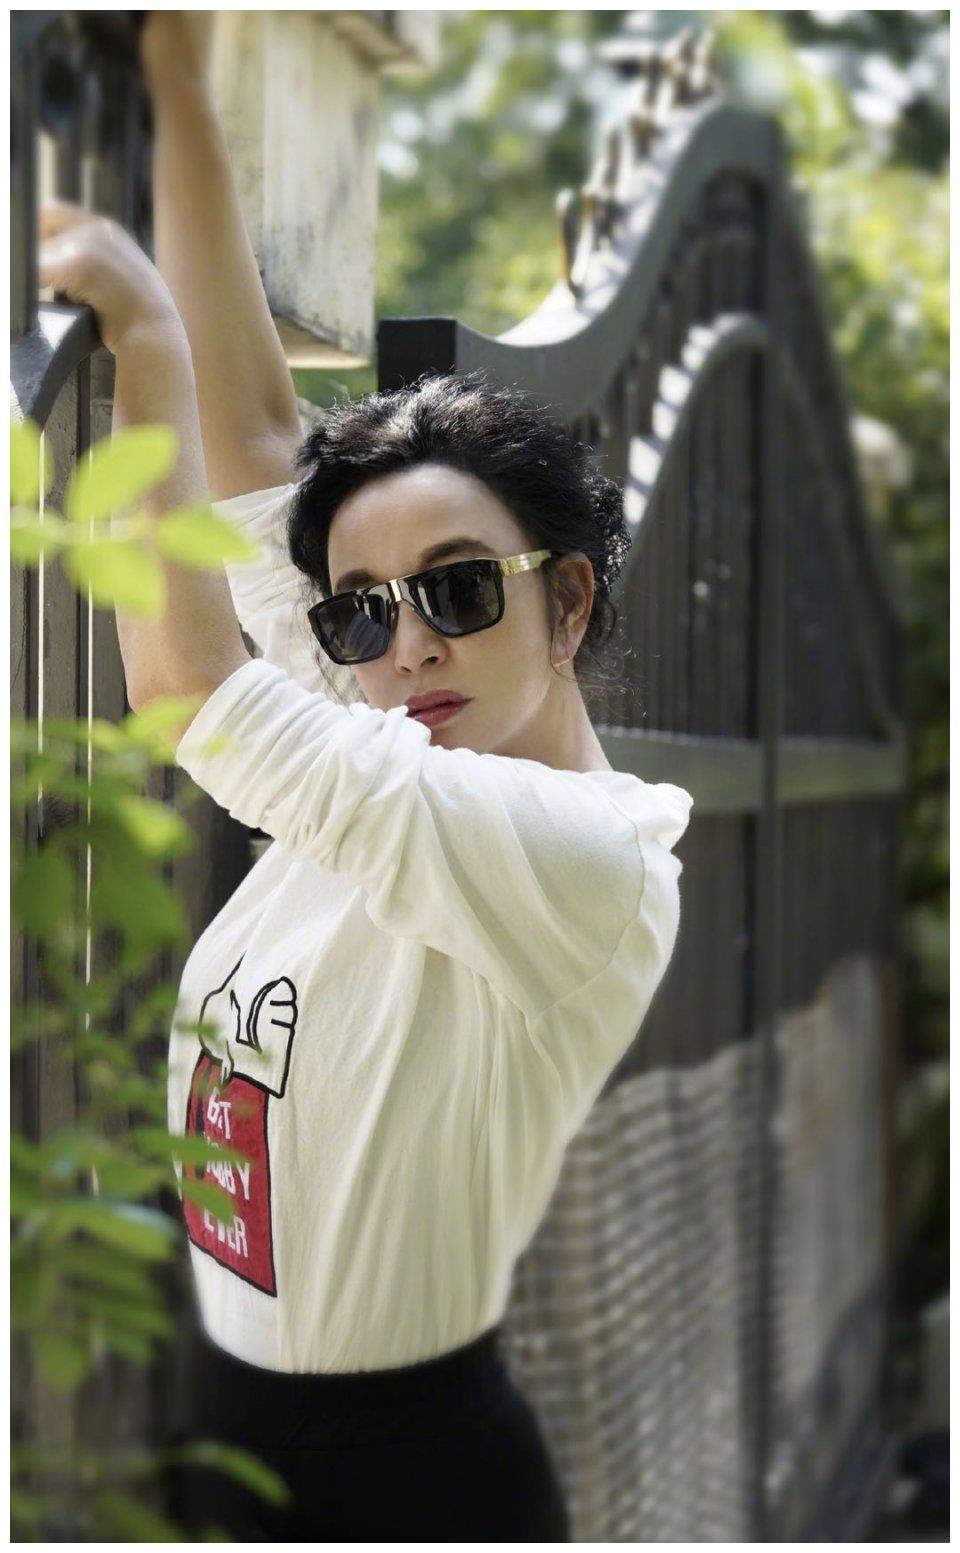 刘晓庆时尚感不减,白T恤配哈伦裤超显瘦